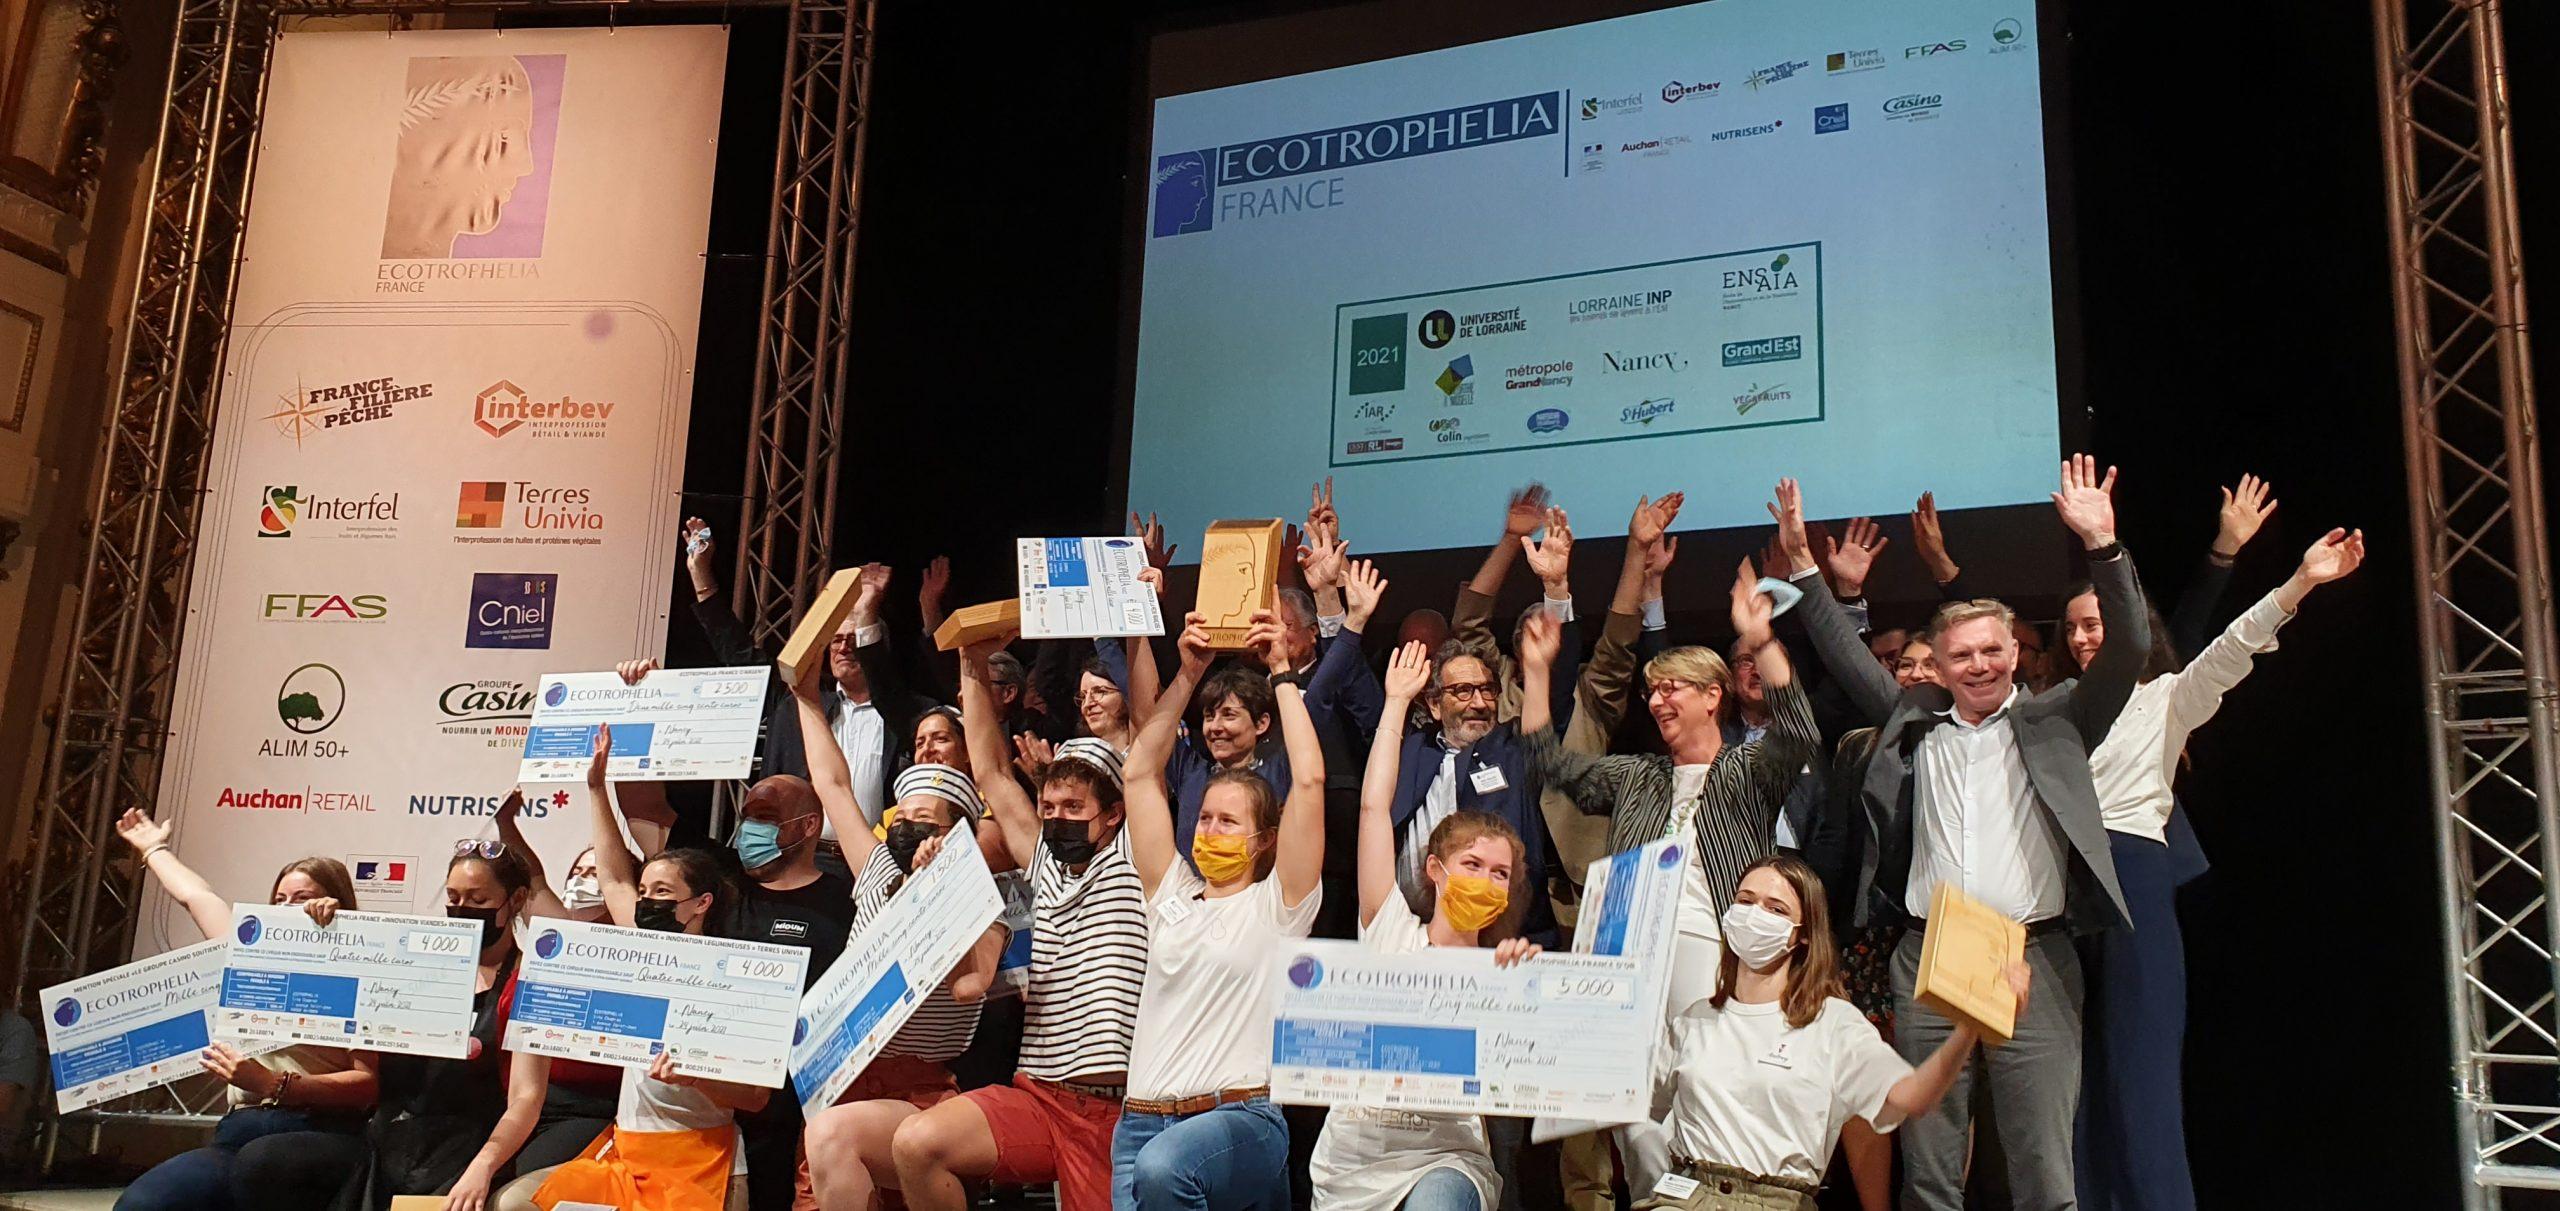 Photo ECOTROPHELIA 2021 scaled - Palmarès de la 22ème édition du Concours National de l'Innovation Alimentaire ECOTROPHELIA France